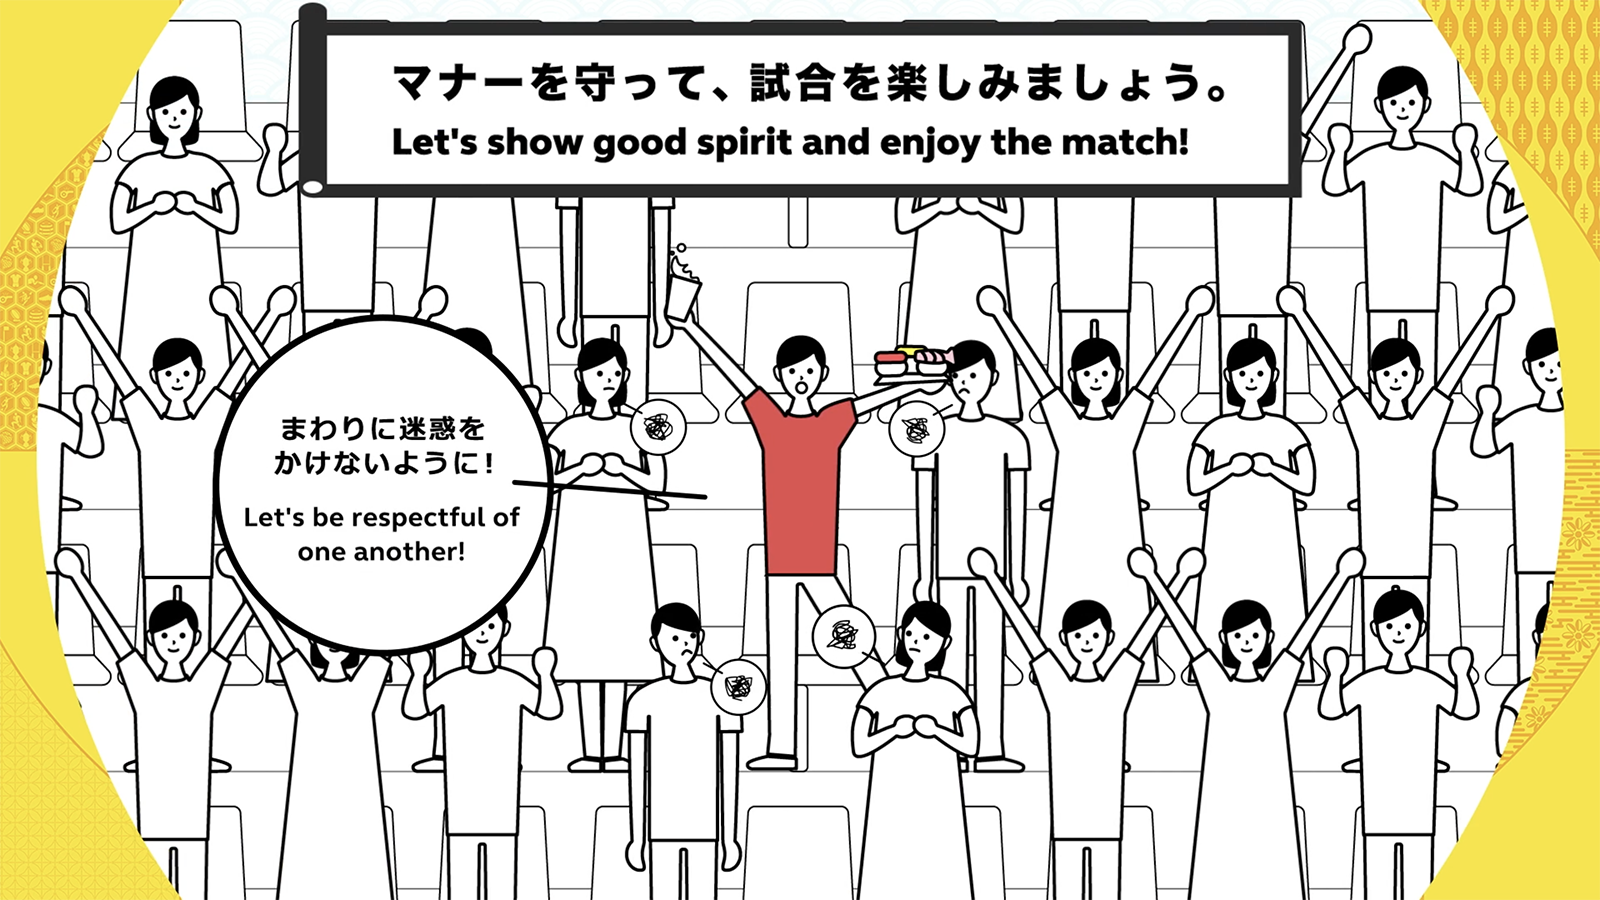 スタジアム観戦マナー映像